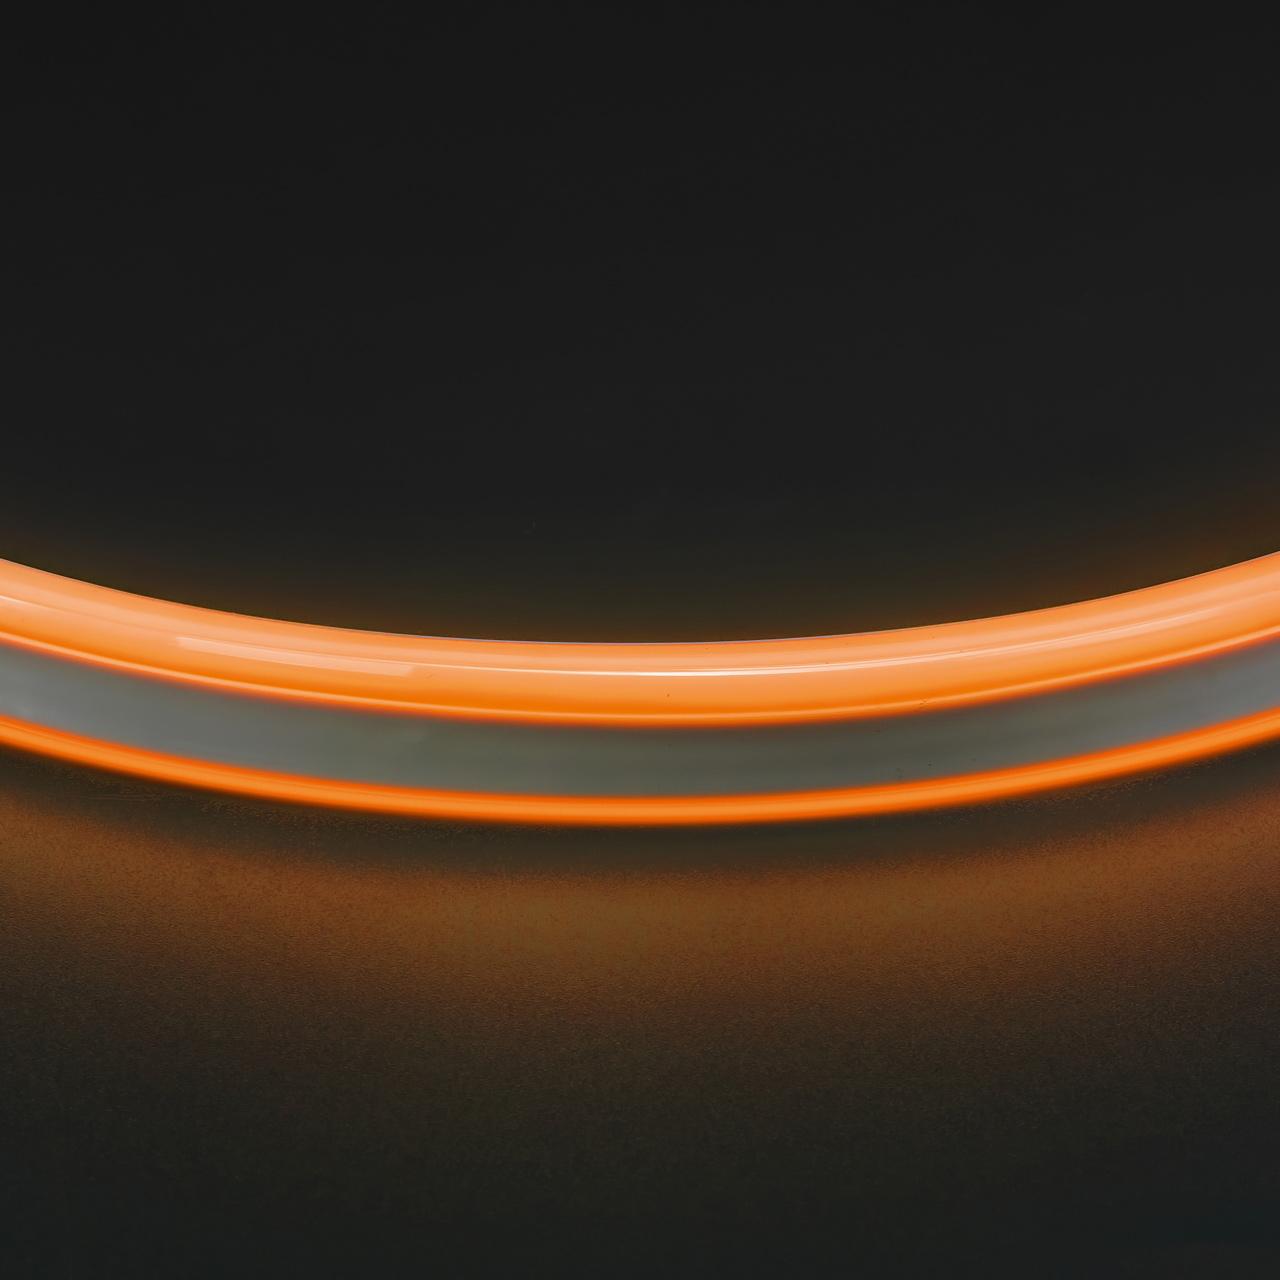 Лента гибкая неоновая NEOLED 220V 120 LED янтарный цвет IP65 Lightstar 430103